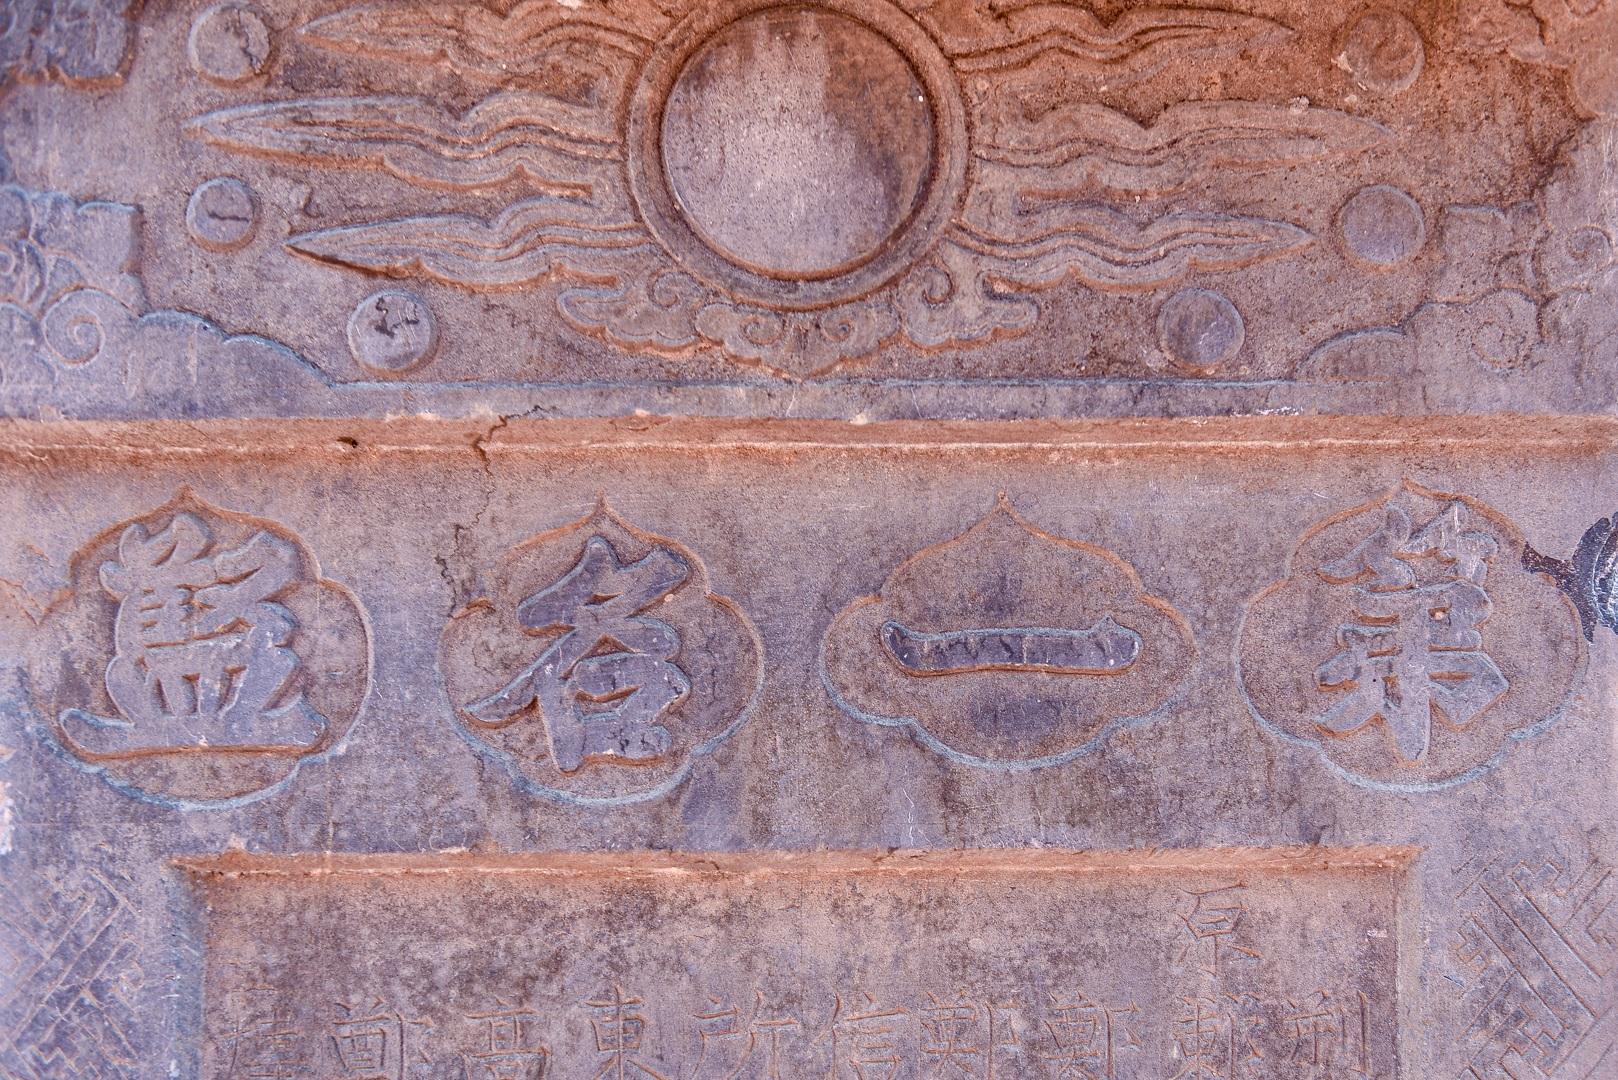 Ngôi chùa 600 tuổi từng là Đệ nhất danh lam vùng Đông Bắc - 3